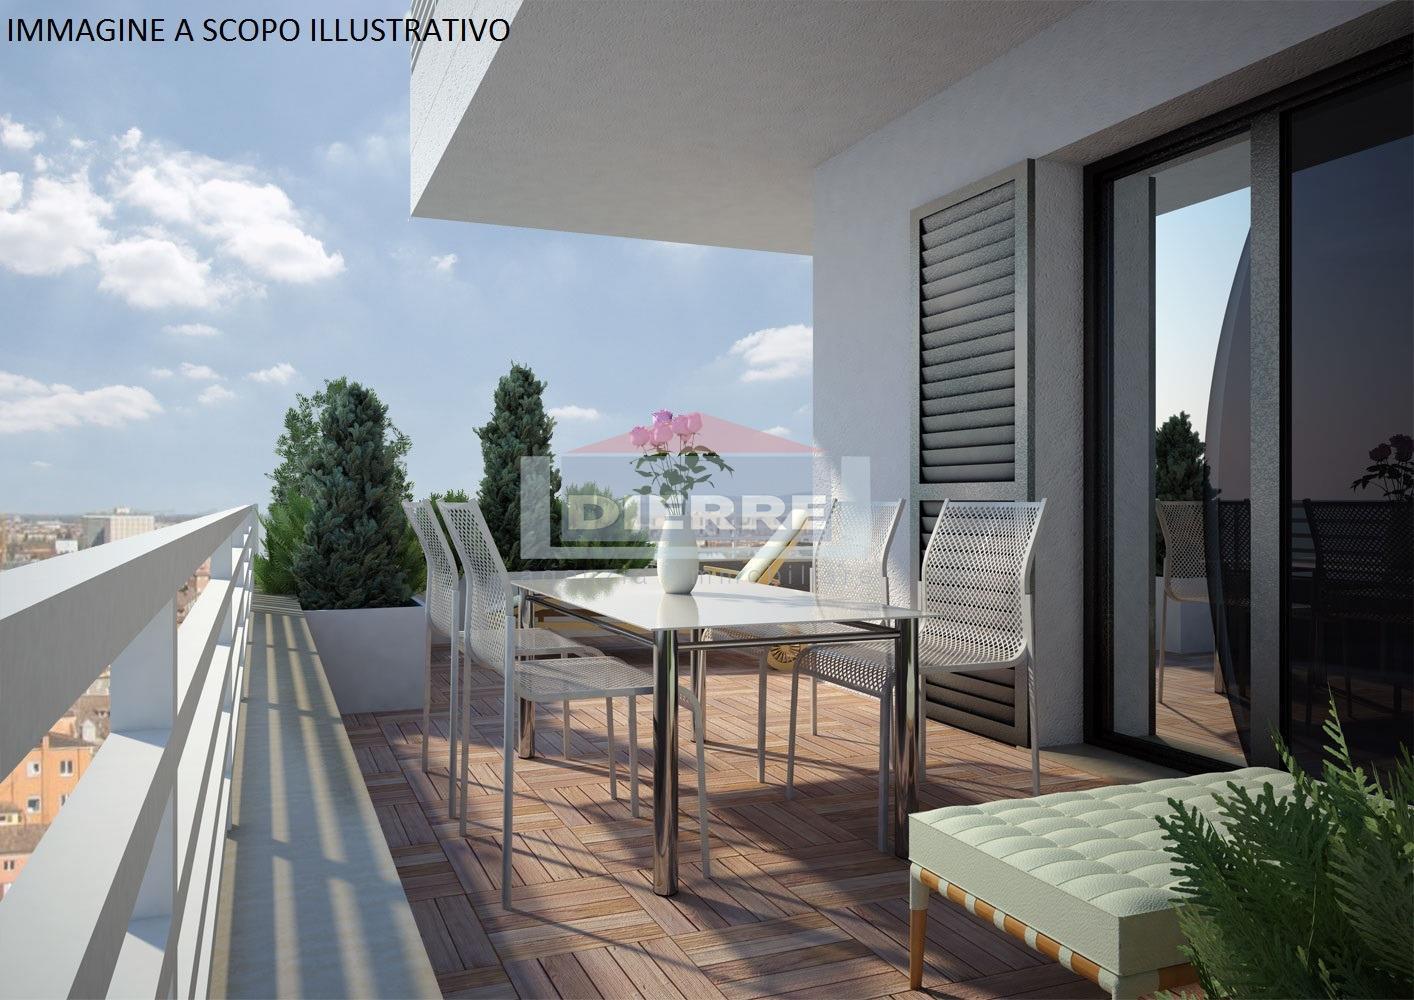 Attico / Mansarda in vendita a Carpi, 4 locali, prezzo € 318.000 | PortaleAgenzieImmobiliari.it